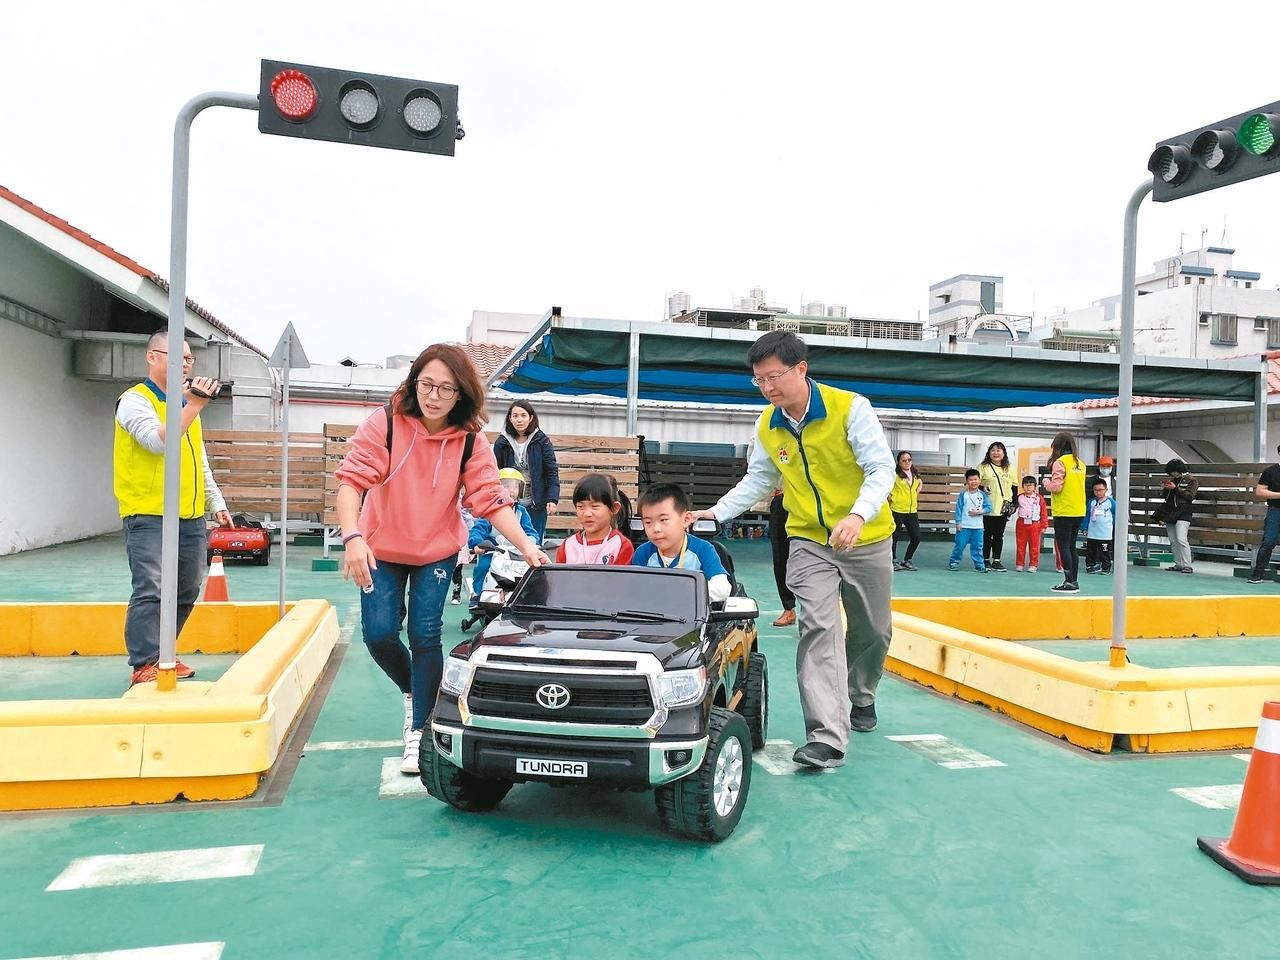 「大台南交通教育主題館」,本月16日起開放預約,孩童可以體驗道路模擬駕駛。 圖/記者鄭維真攝影